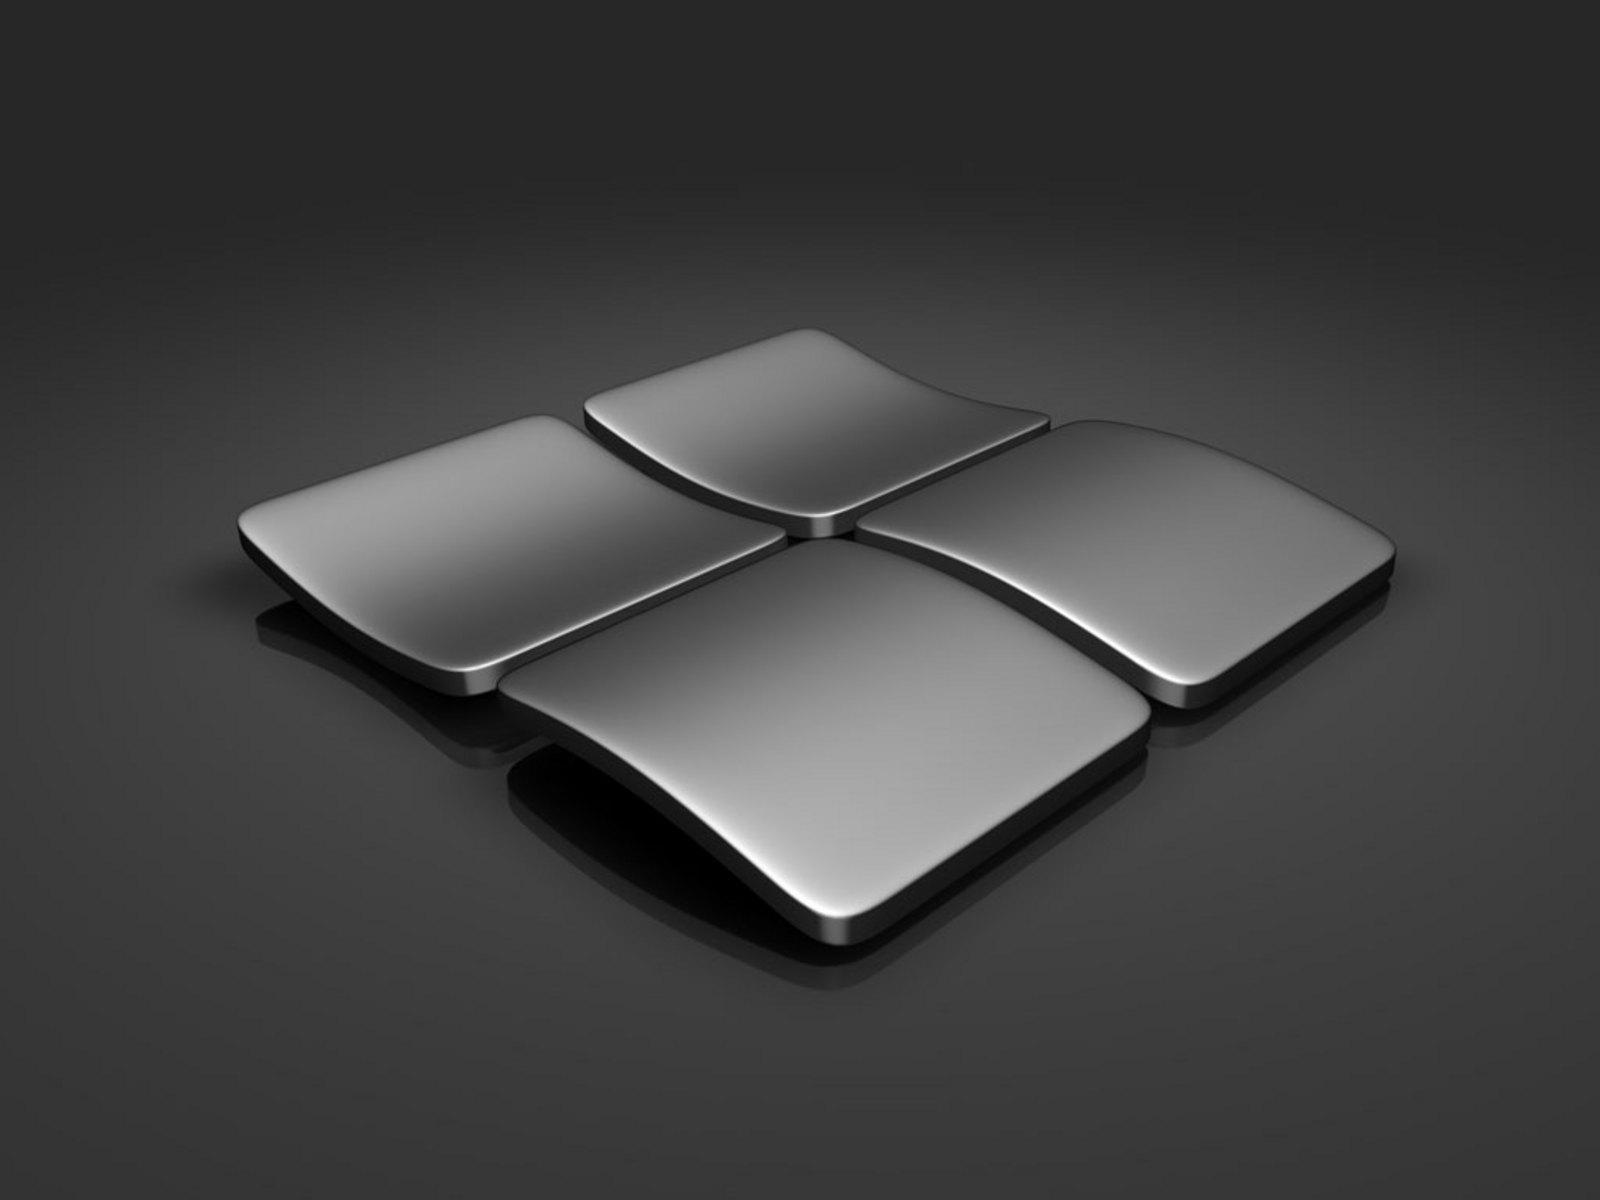 windows 10 desktop is black 15 hd wallpaper